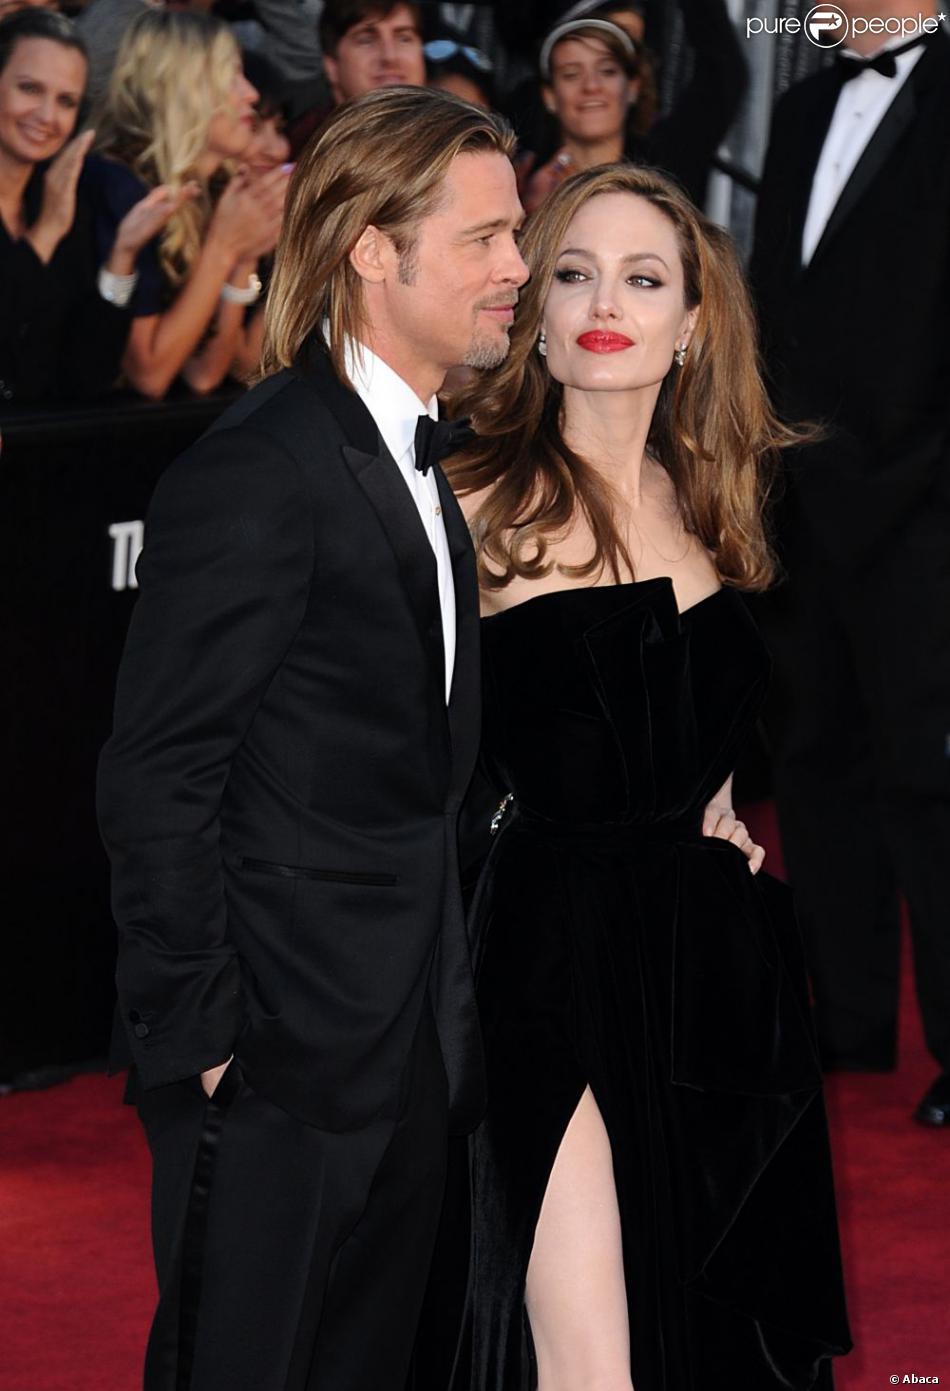 Brad Pitt et Angelina Jolie lors de la cérémonie des Oscars 2012